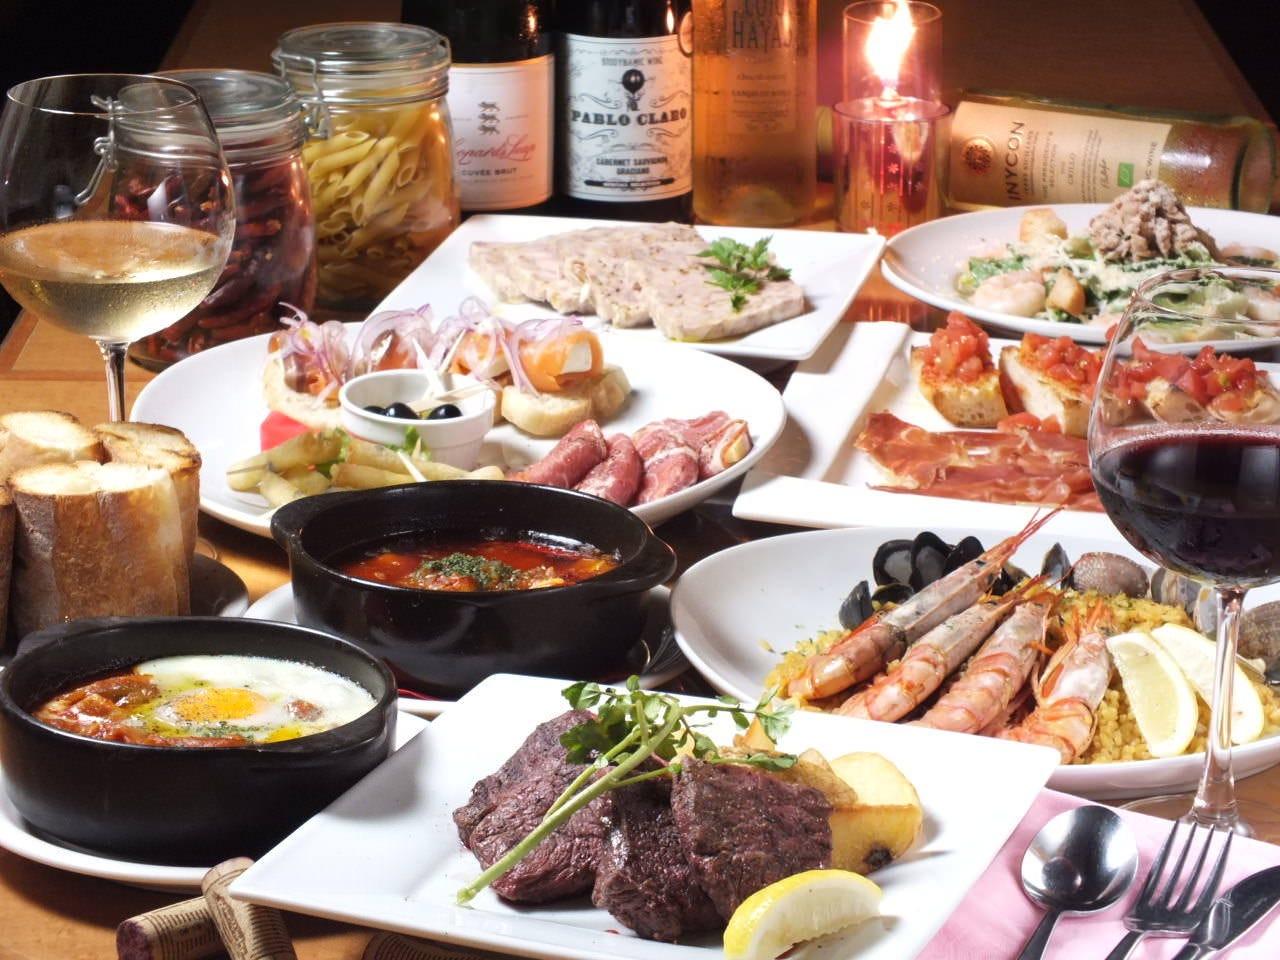 幹事様必見!!!前菜はタパス堪能、自慢の肉料理、本場のパエリア含む13品 2h飲み放題 ¥3,800(税別)コース